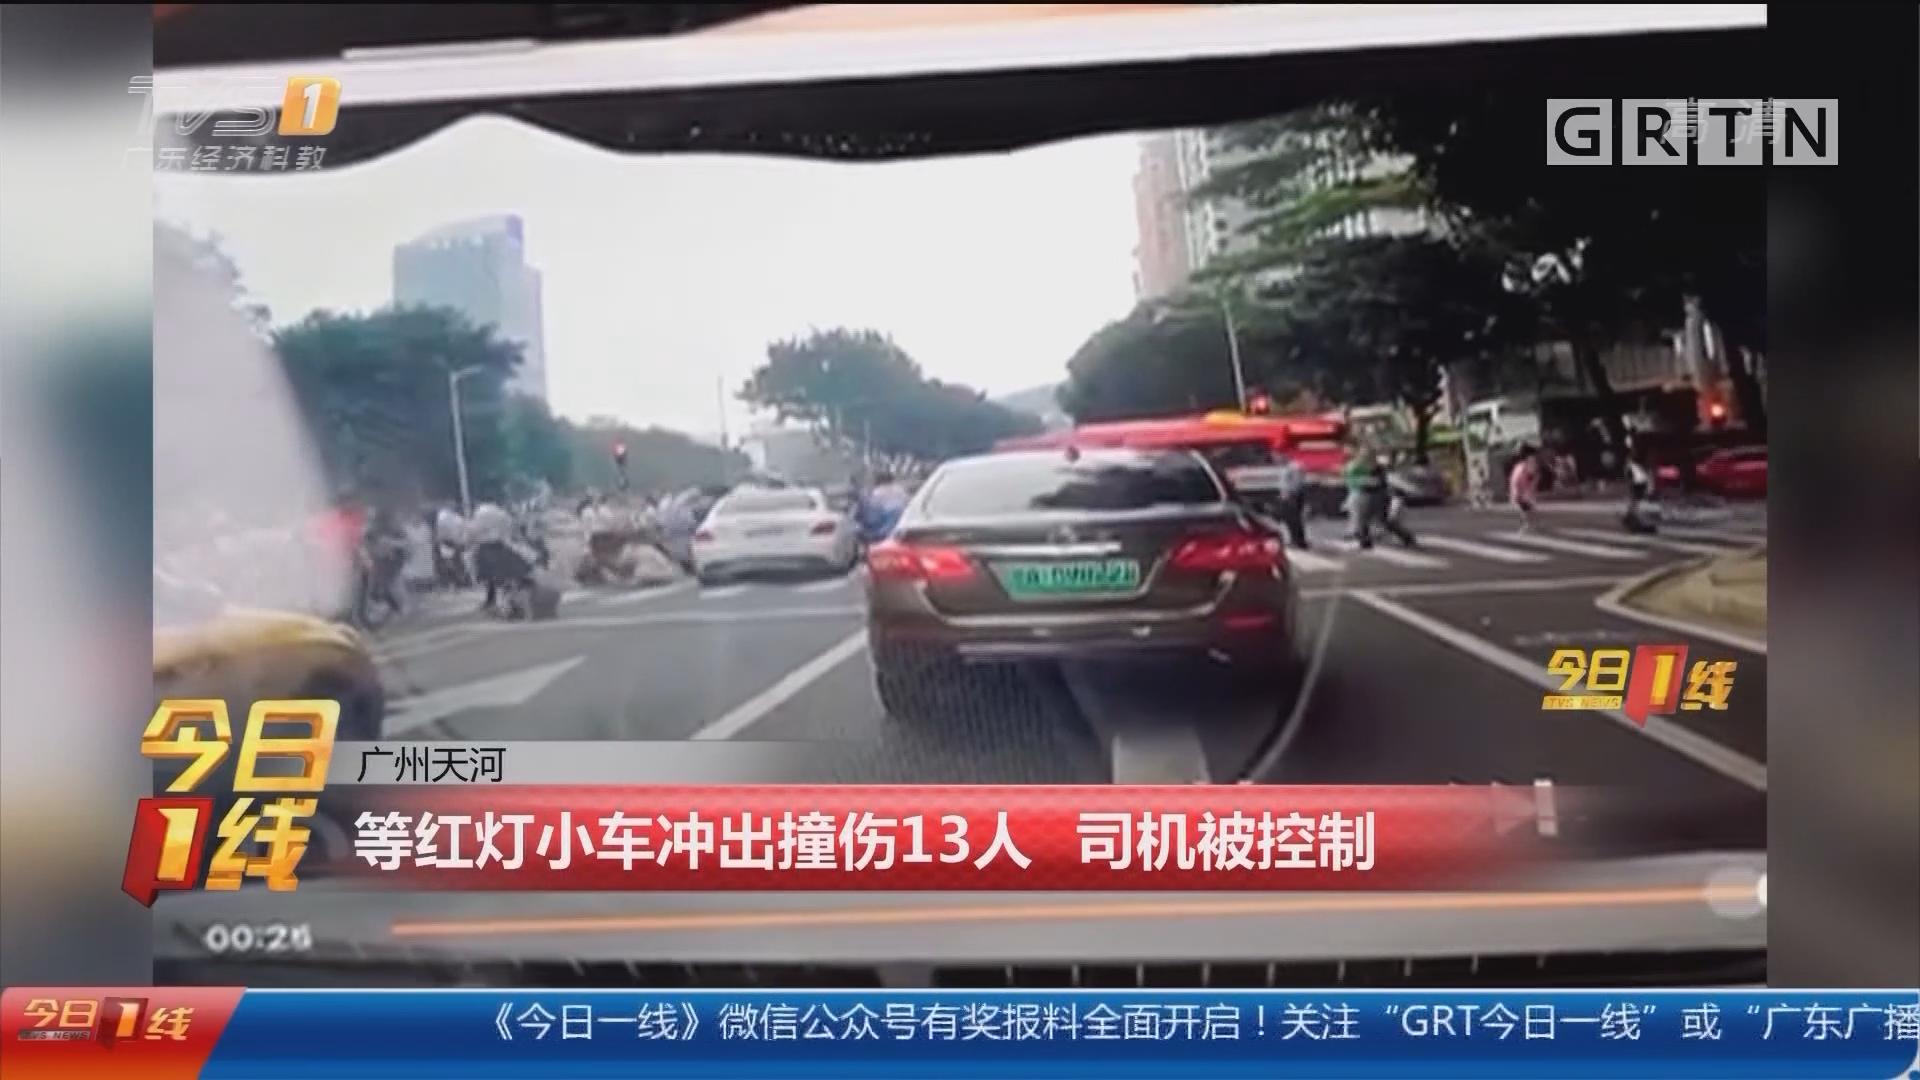 广州天河:等红灯小车冲出撞伤13人 司机被控制